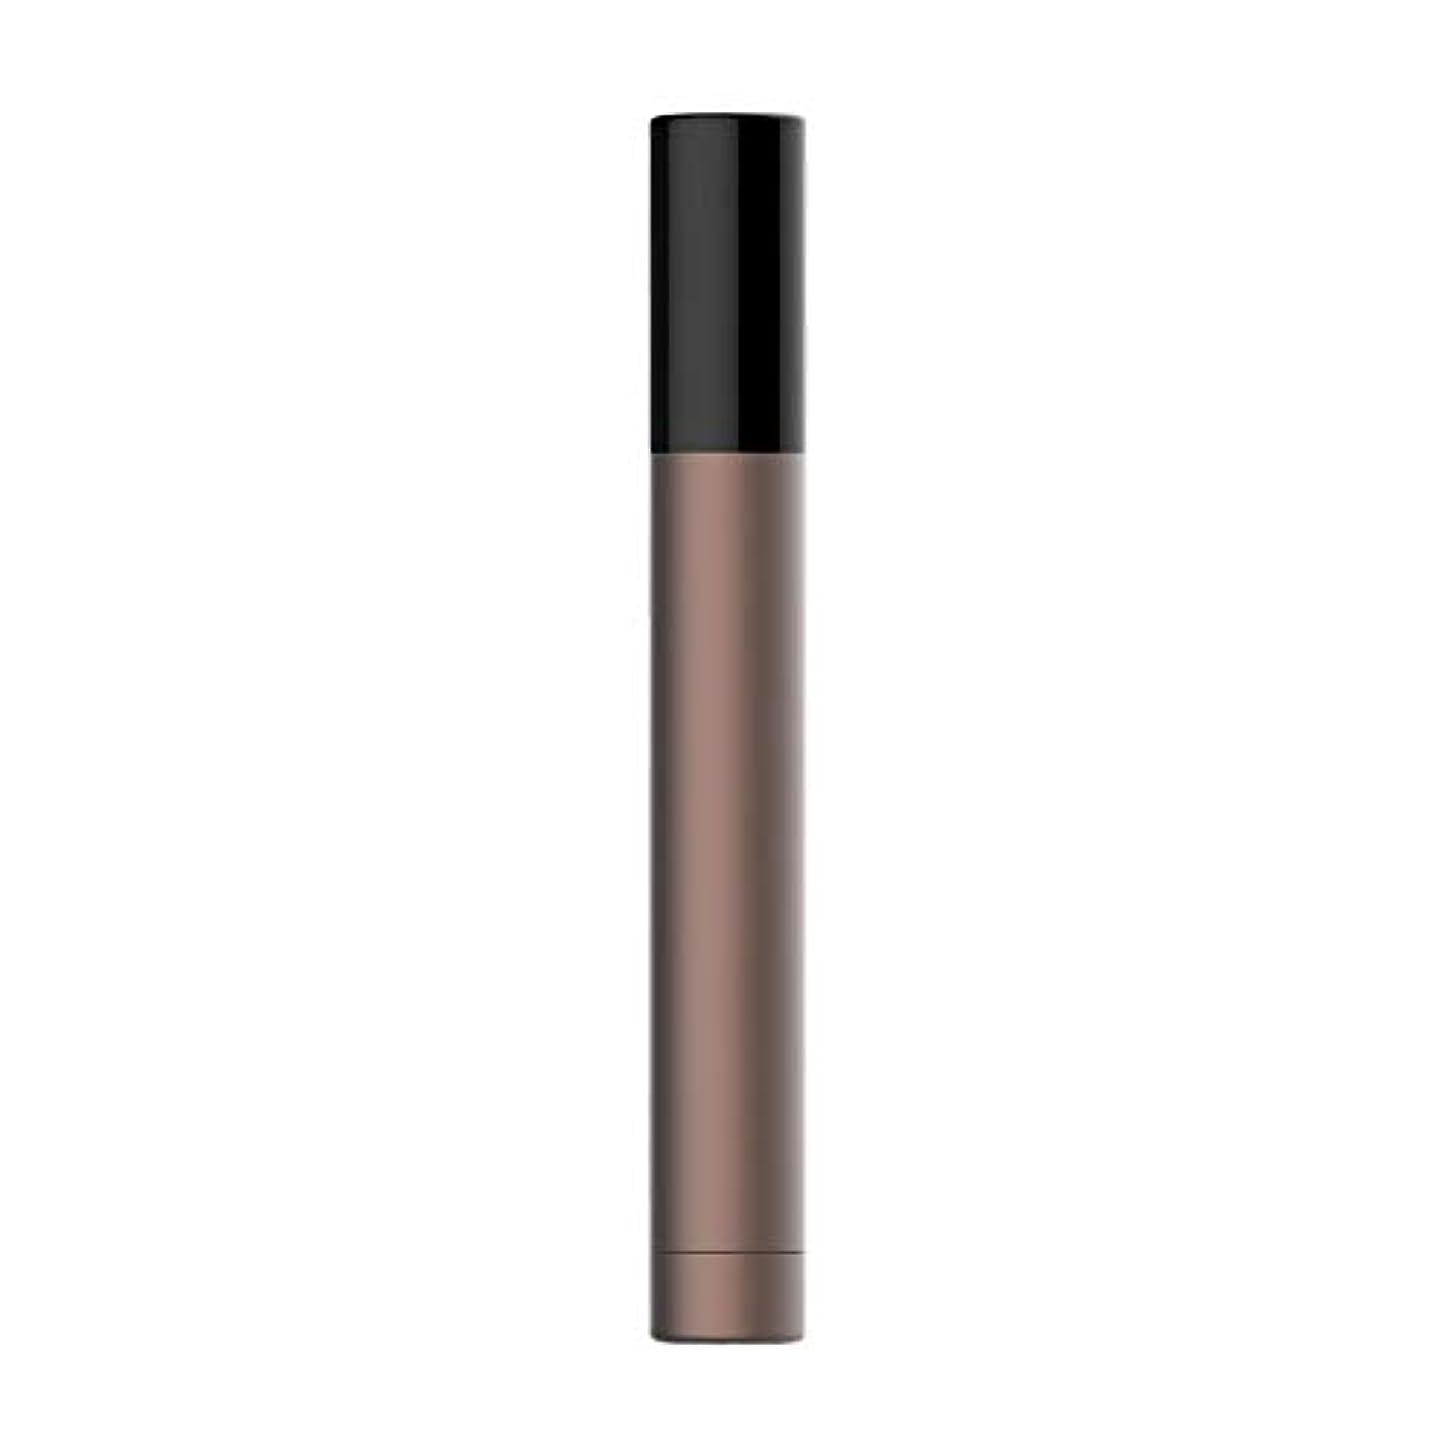 貫通するセラフヒープ鼻毛トリマー-密閉防水効果/シングルカッターヘッドシャープで耐久性のある/男性用剃毛鼻毛はさみ/ポータブルデザイン、旅行に便利/ 12.9 * 1.65cm 持つ価値があります